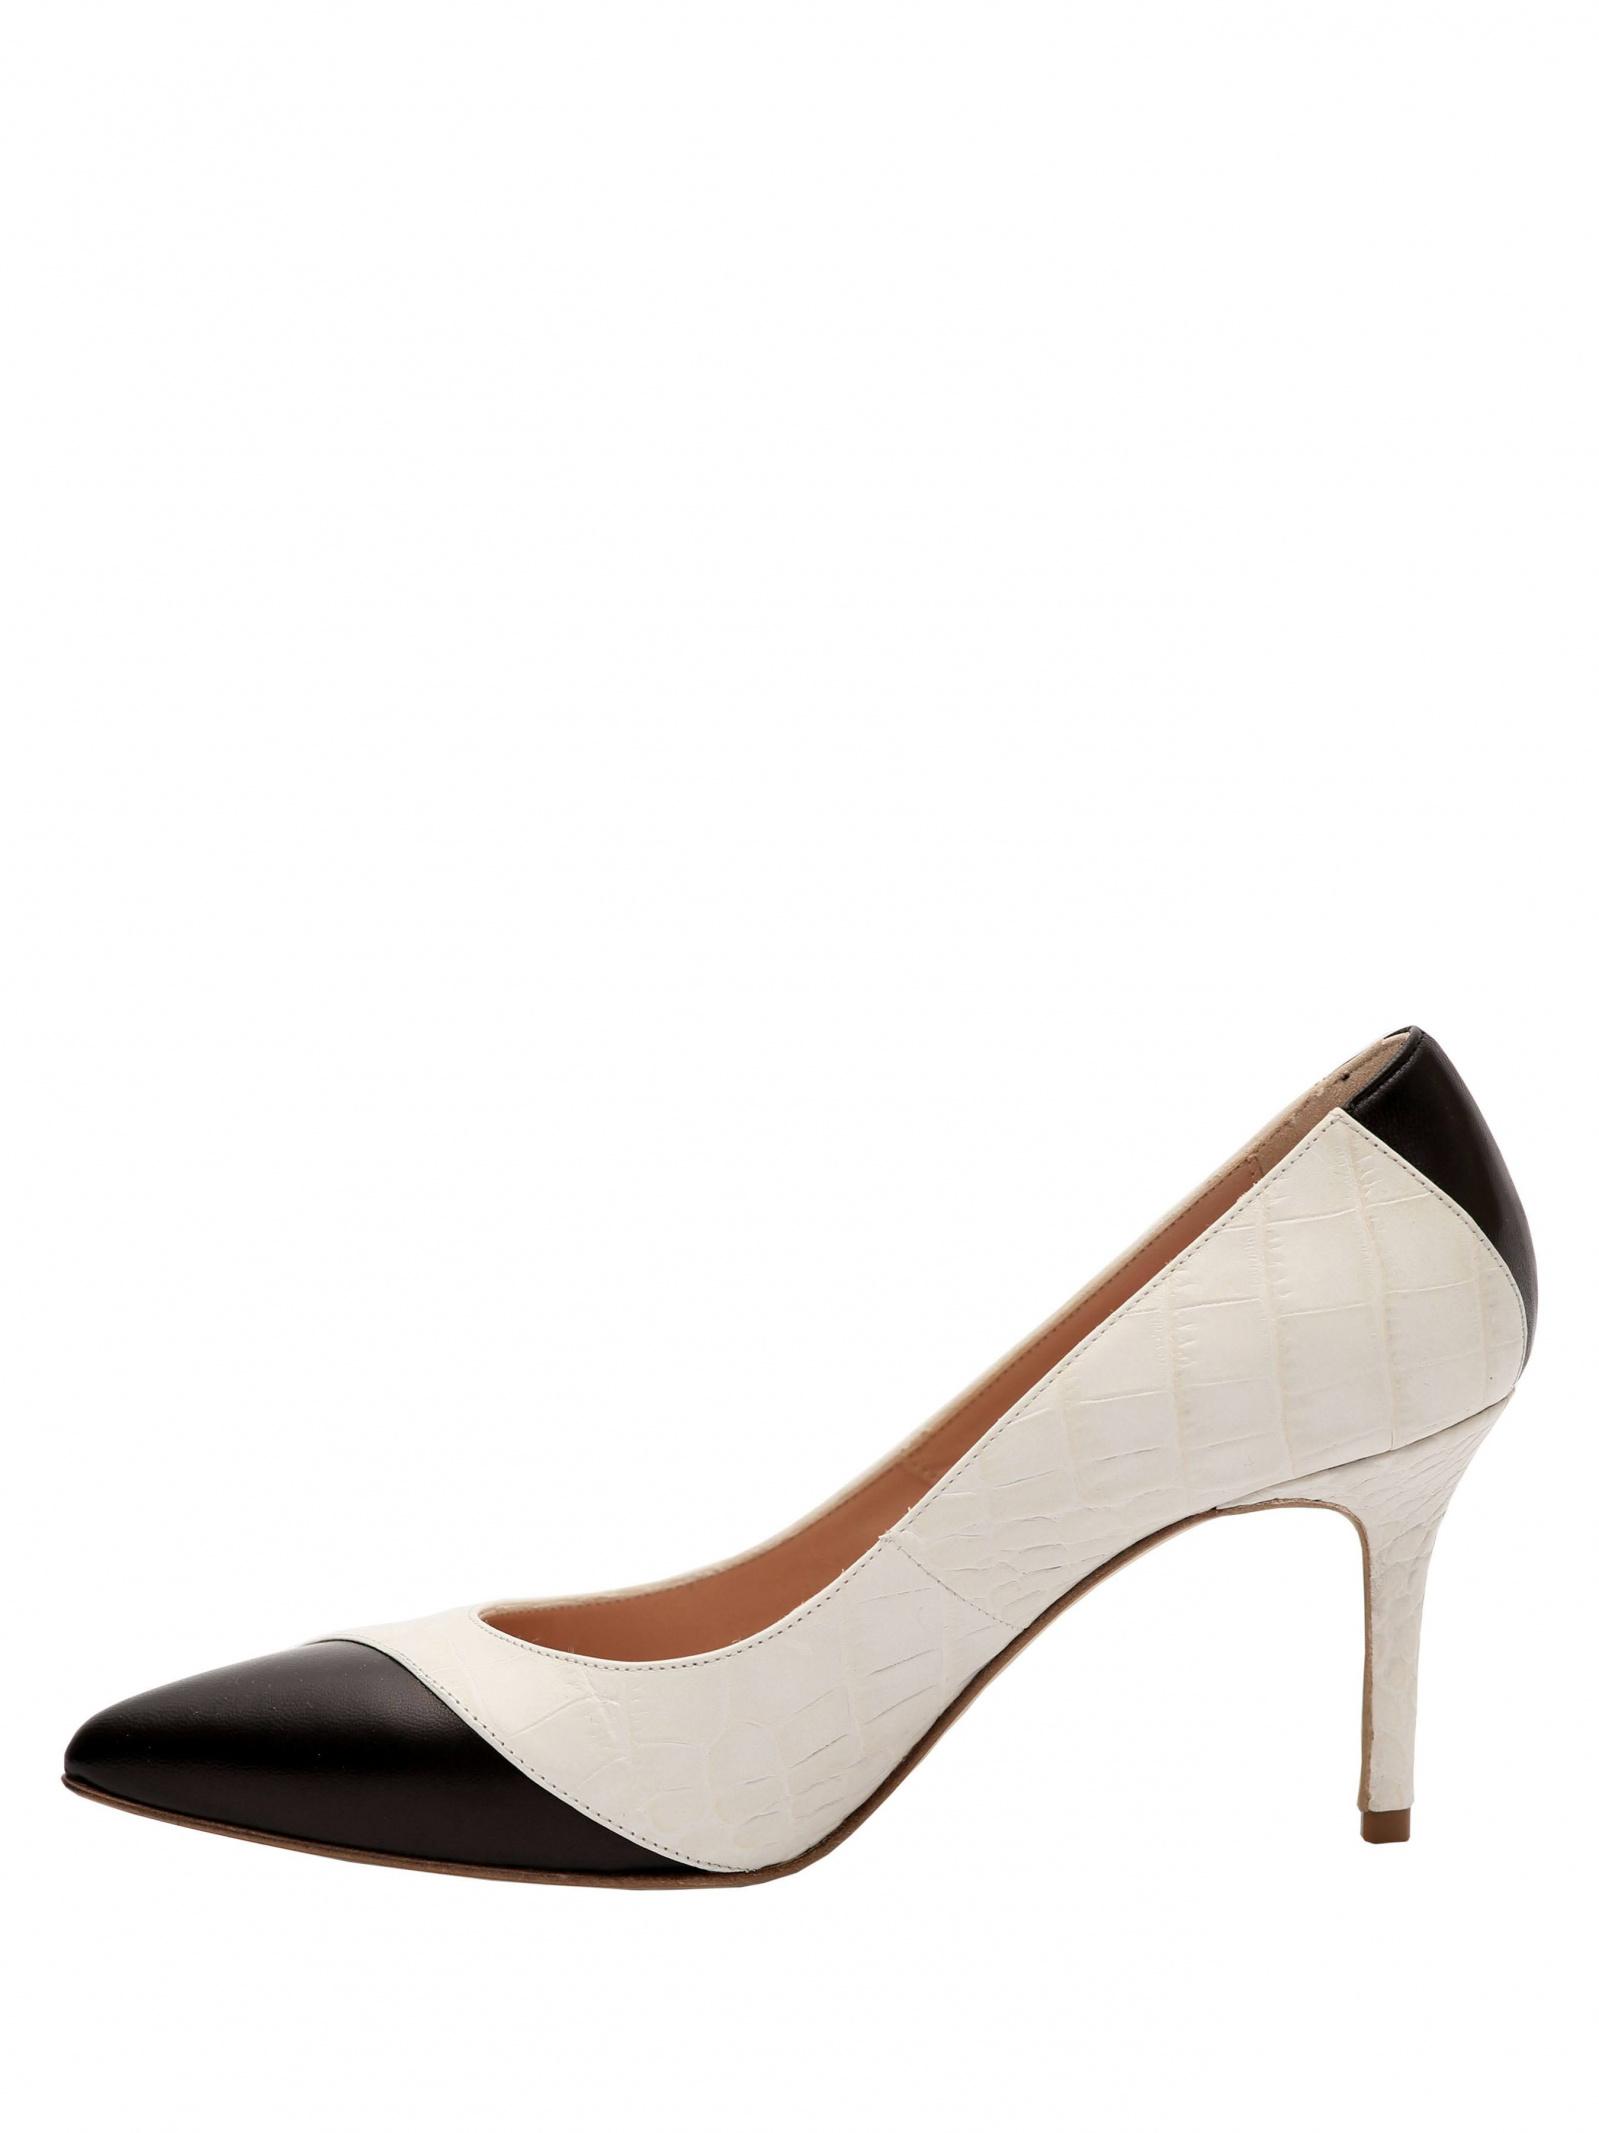 Туфлі  жіночі SITELLE MAG70NER ціна, 2017